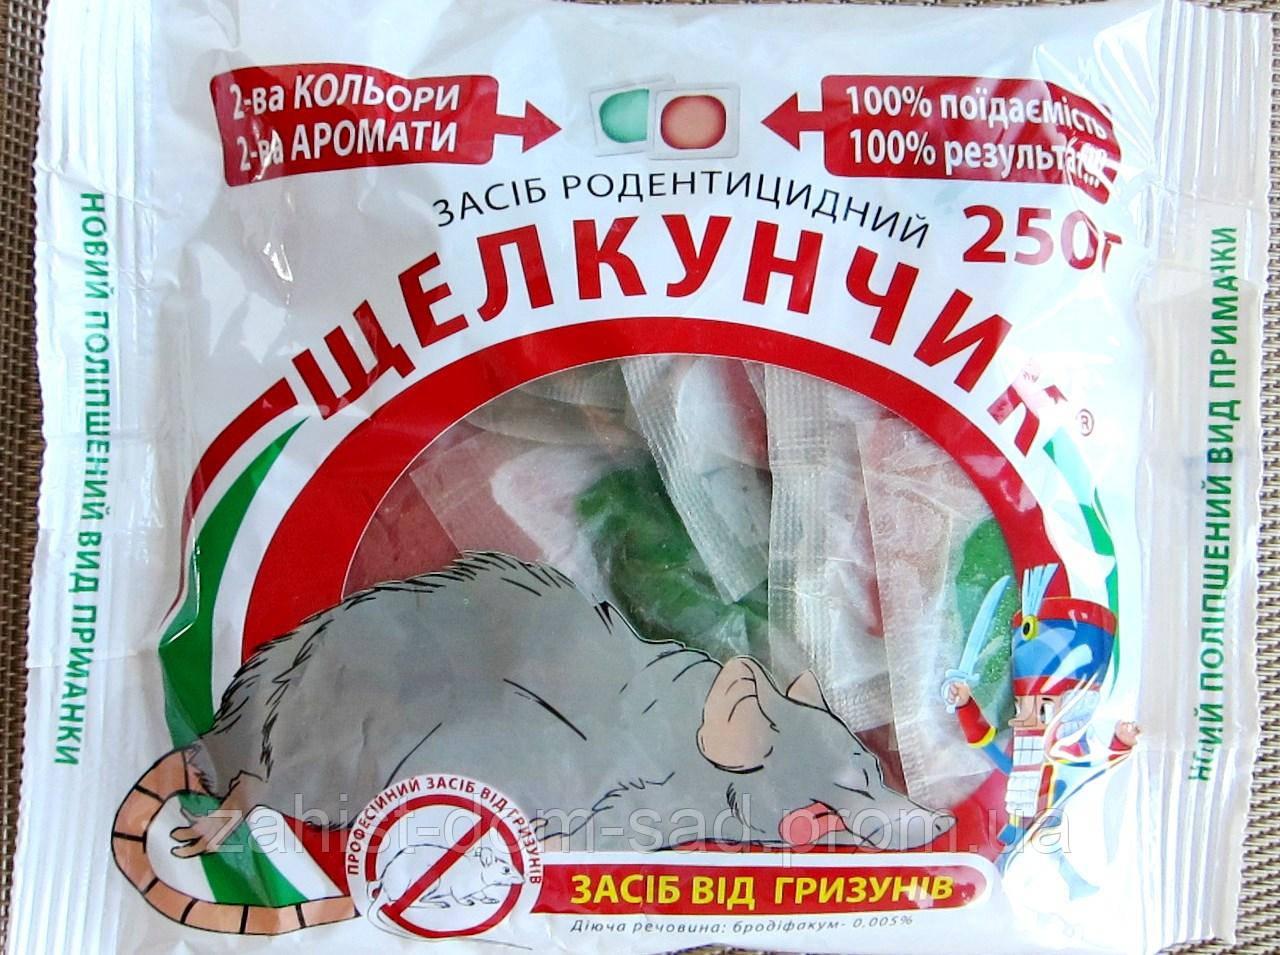 Щелкунчик 250 г тесто- для уничтожения мышевидных грызунов (крыс, мышей, полёвок)